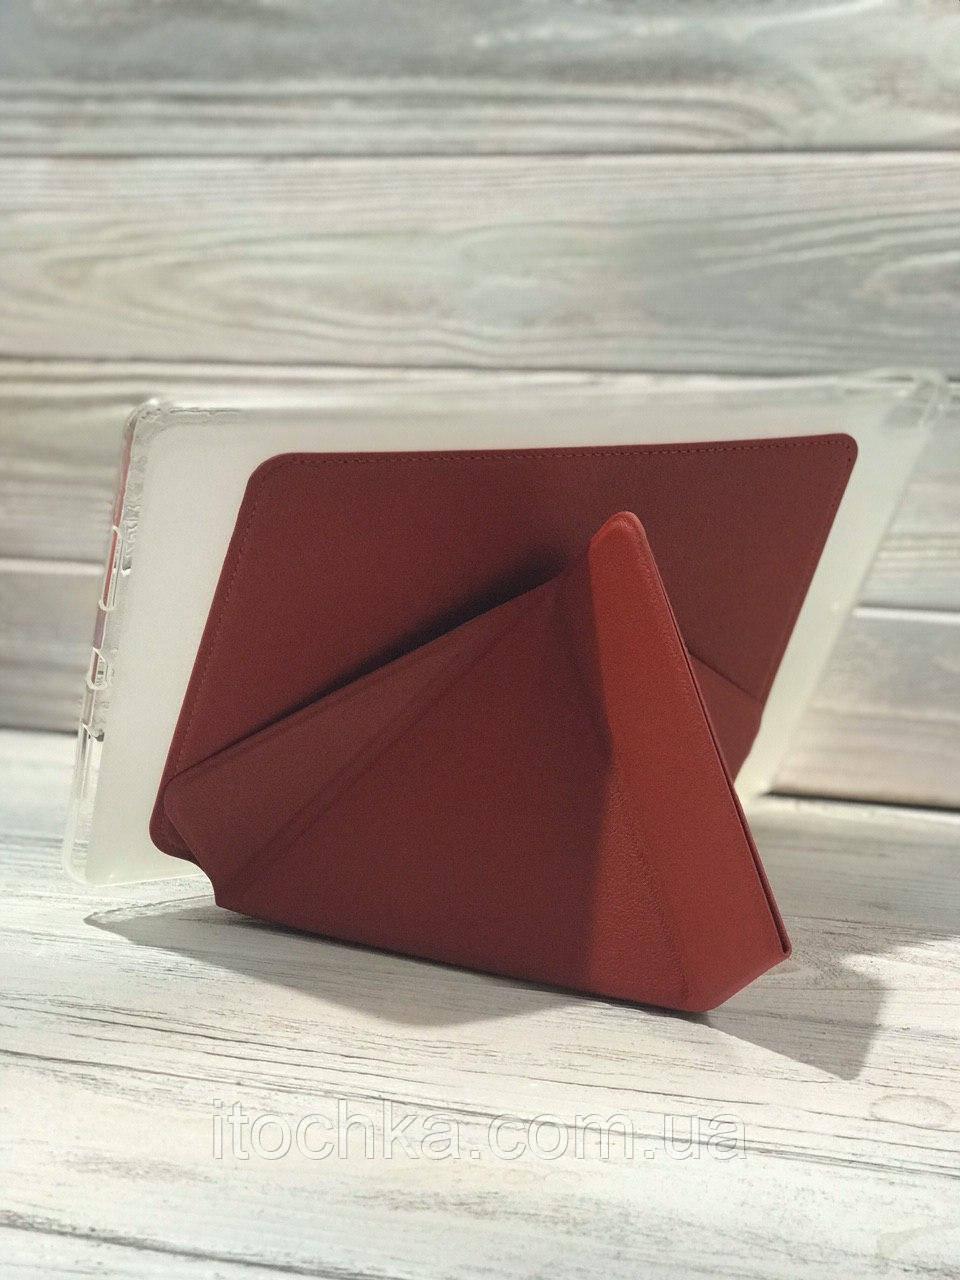 Чехол iMAX для iPad Pro 10.5 Red